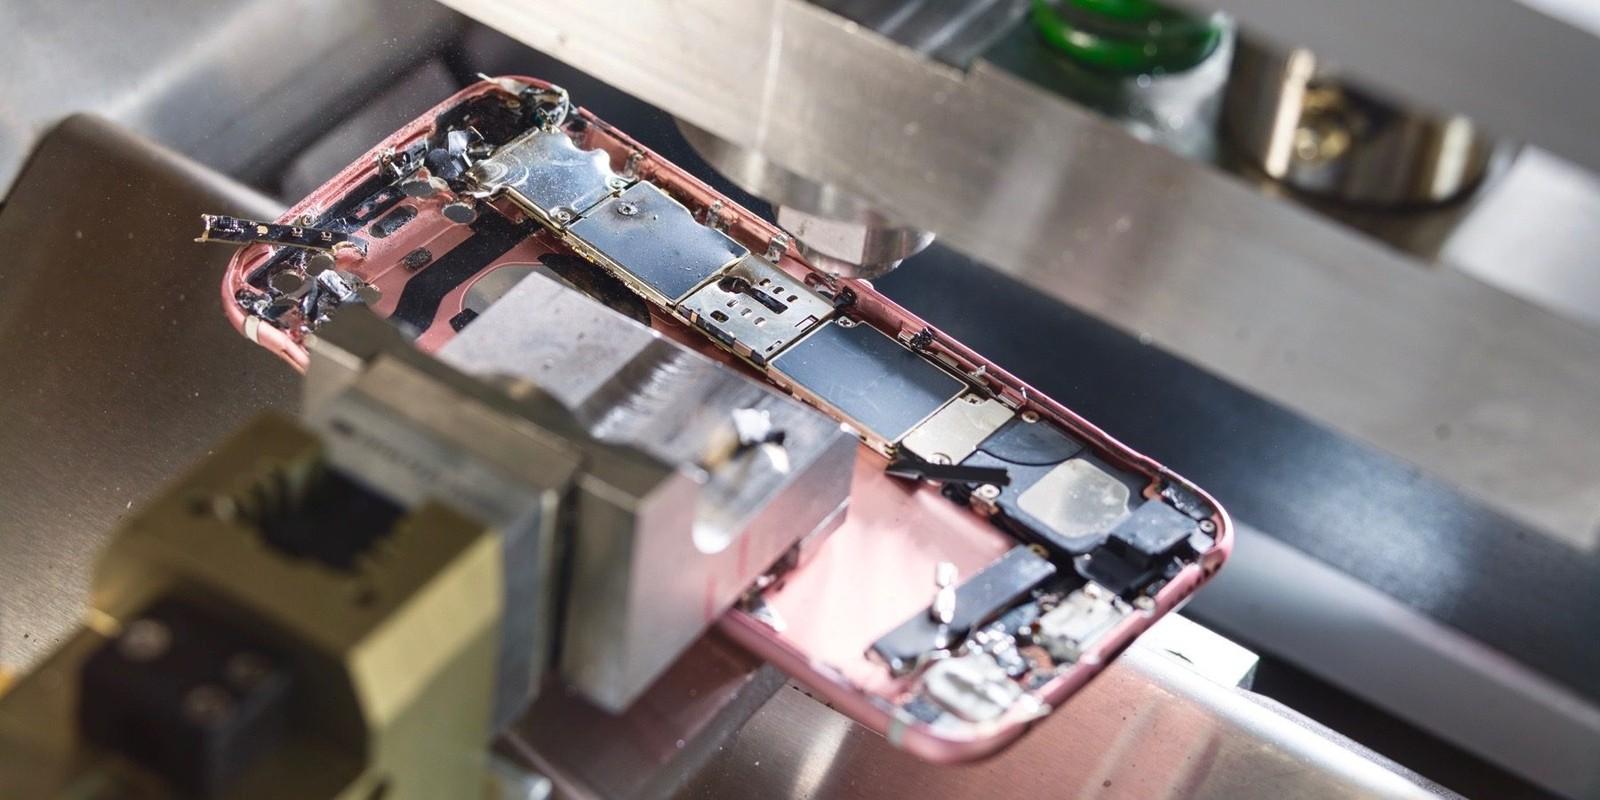 He lo bi an trong can phong khong co tren ban do cua Apple Maps-Hinh-10